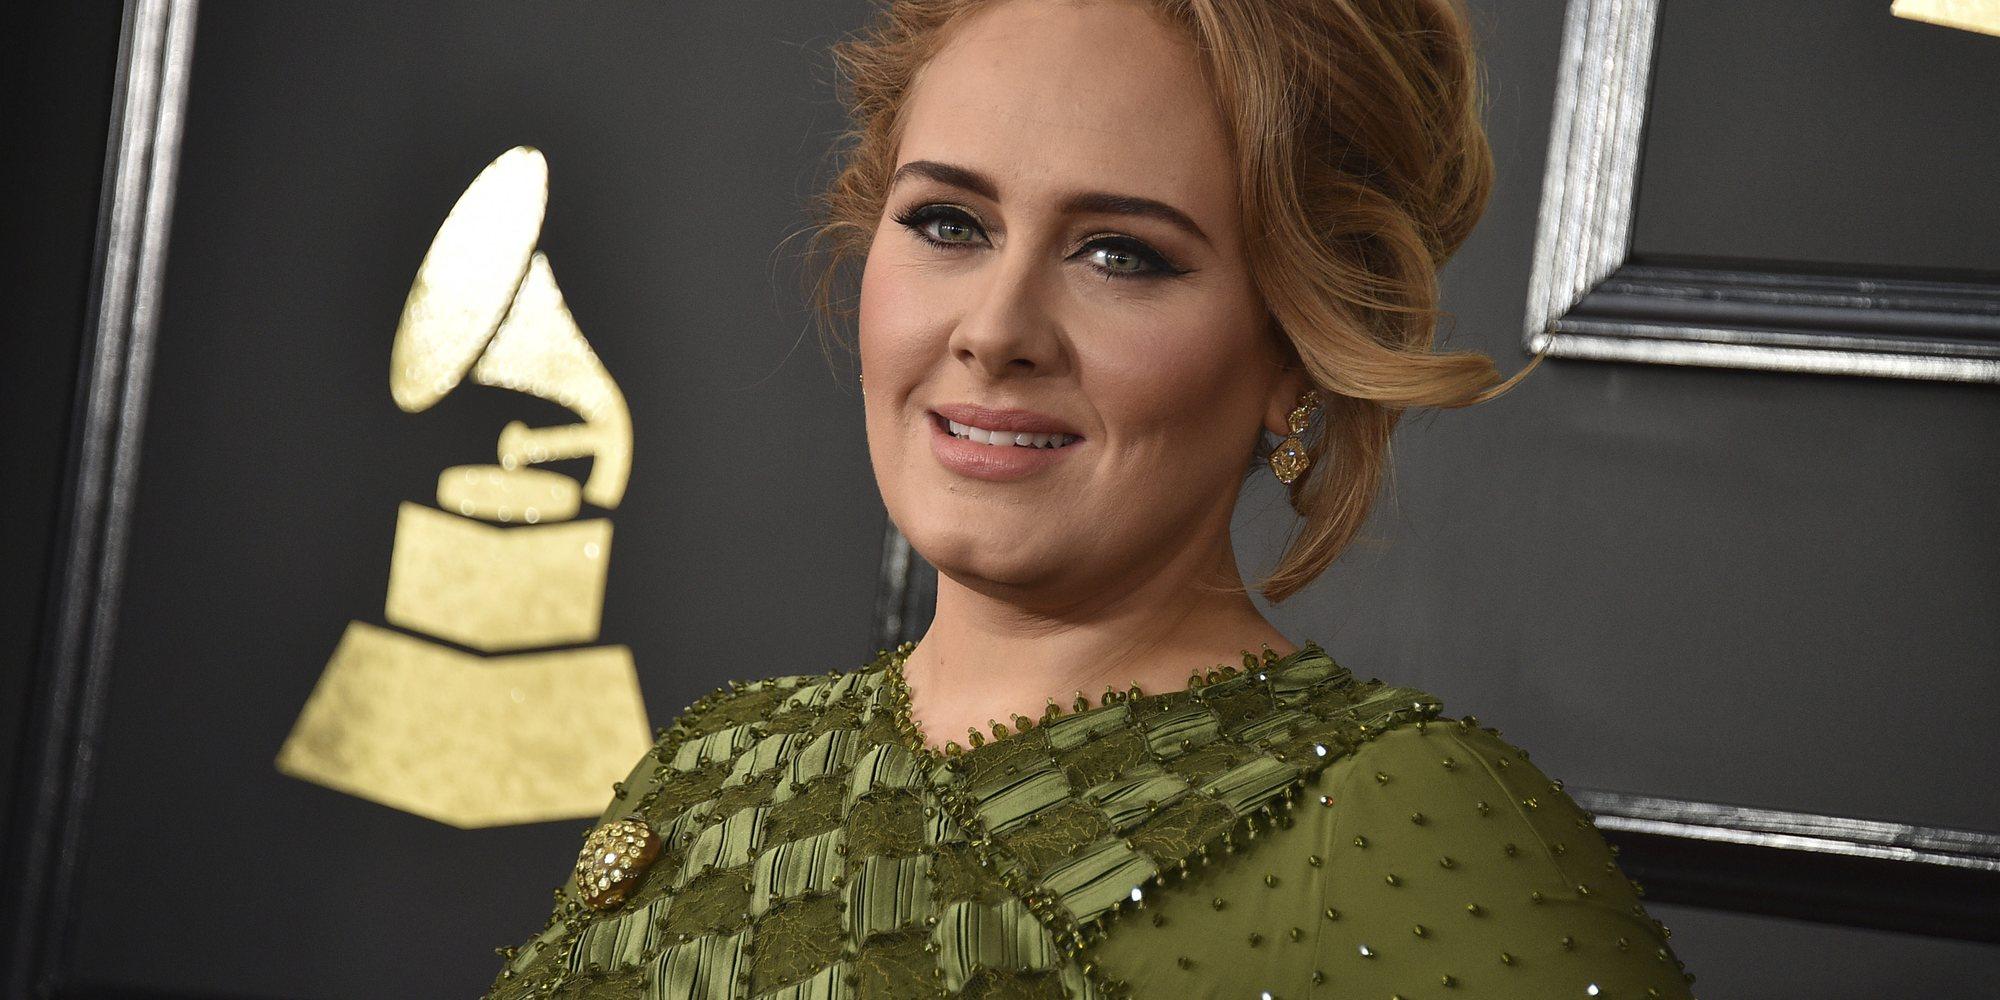 Adele volverá a la música con una canción alegre después de su separación con Sim Konecki